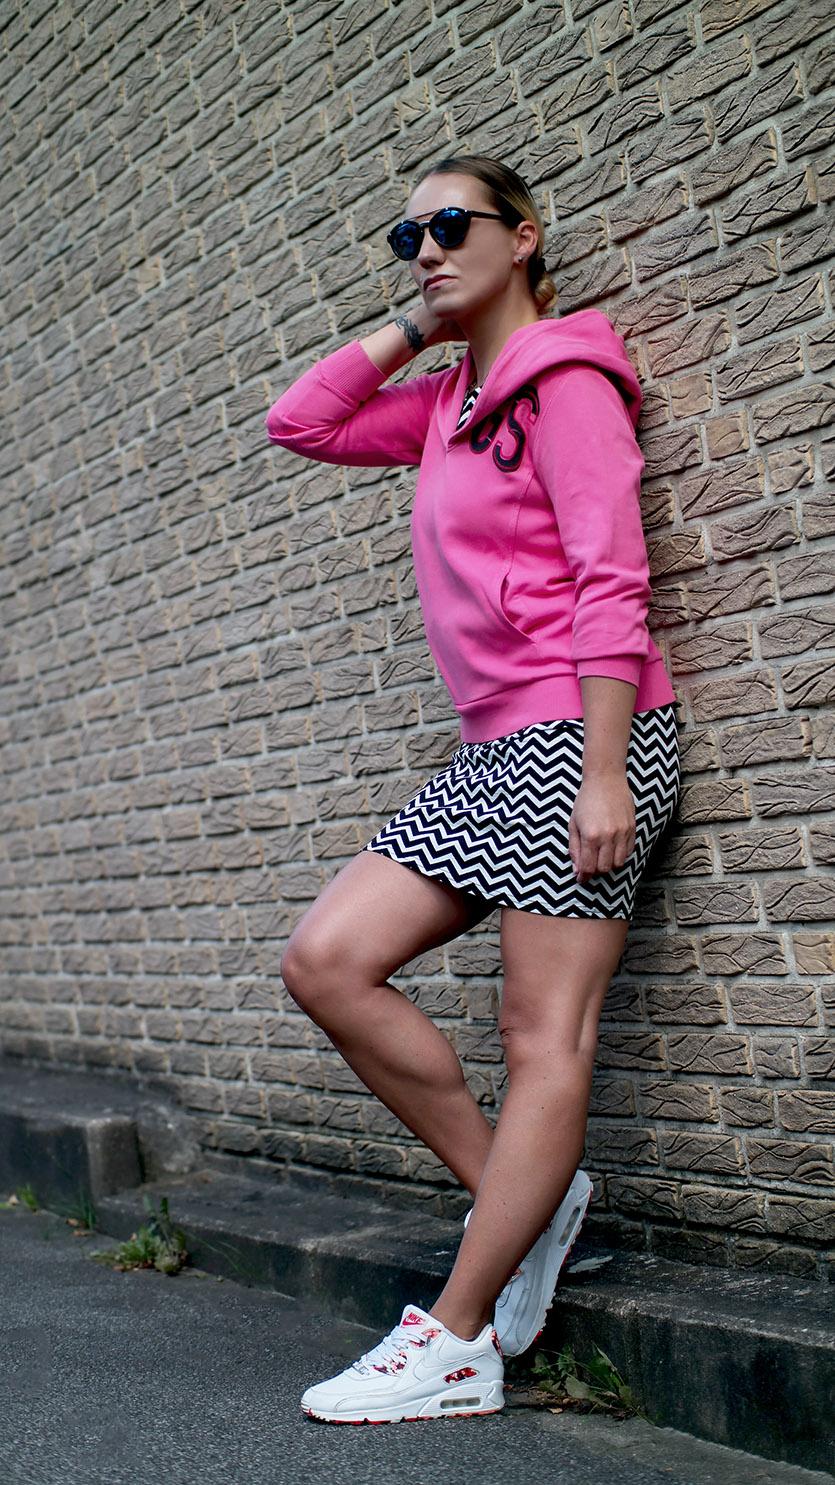 Zick Zack Etuikleid X Hoodie & Air Max 90 | Ein Outfit ganz nach Franny Art | hot-port.de | 30+ Style Blog